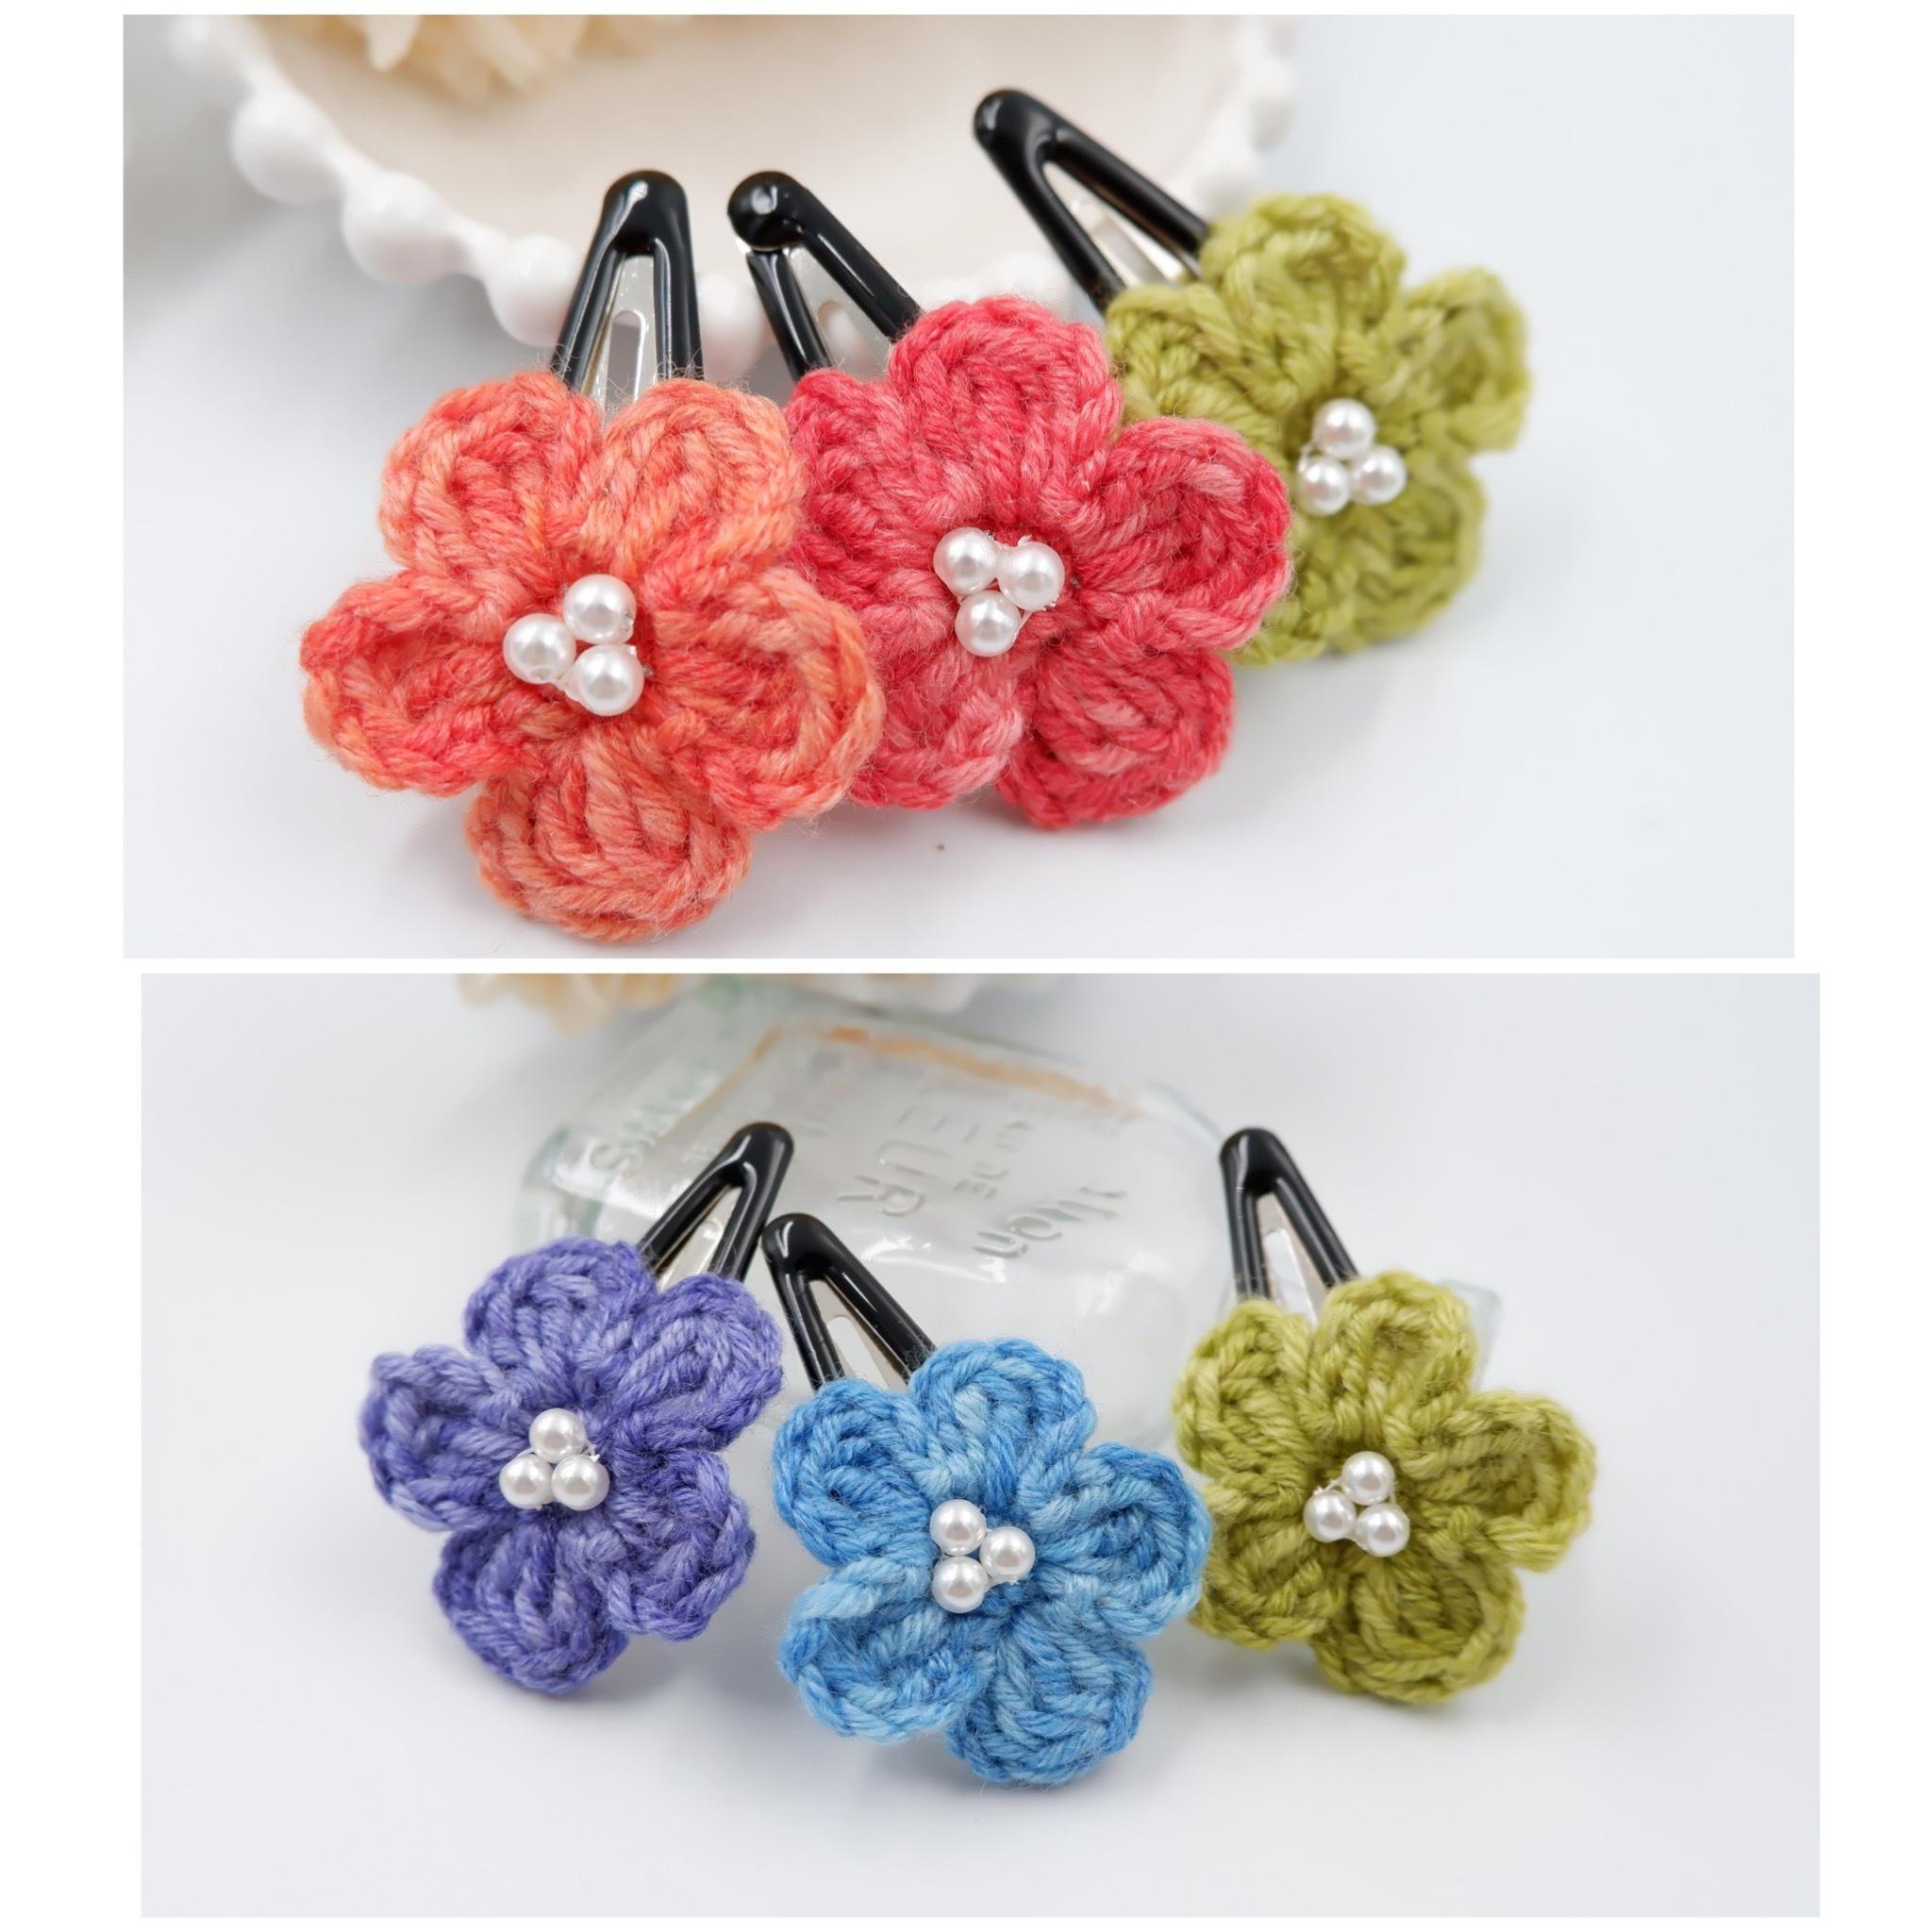 手編み雑貨 HanahanD ヘアピン セット 福袋